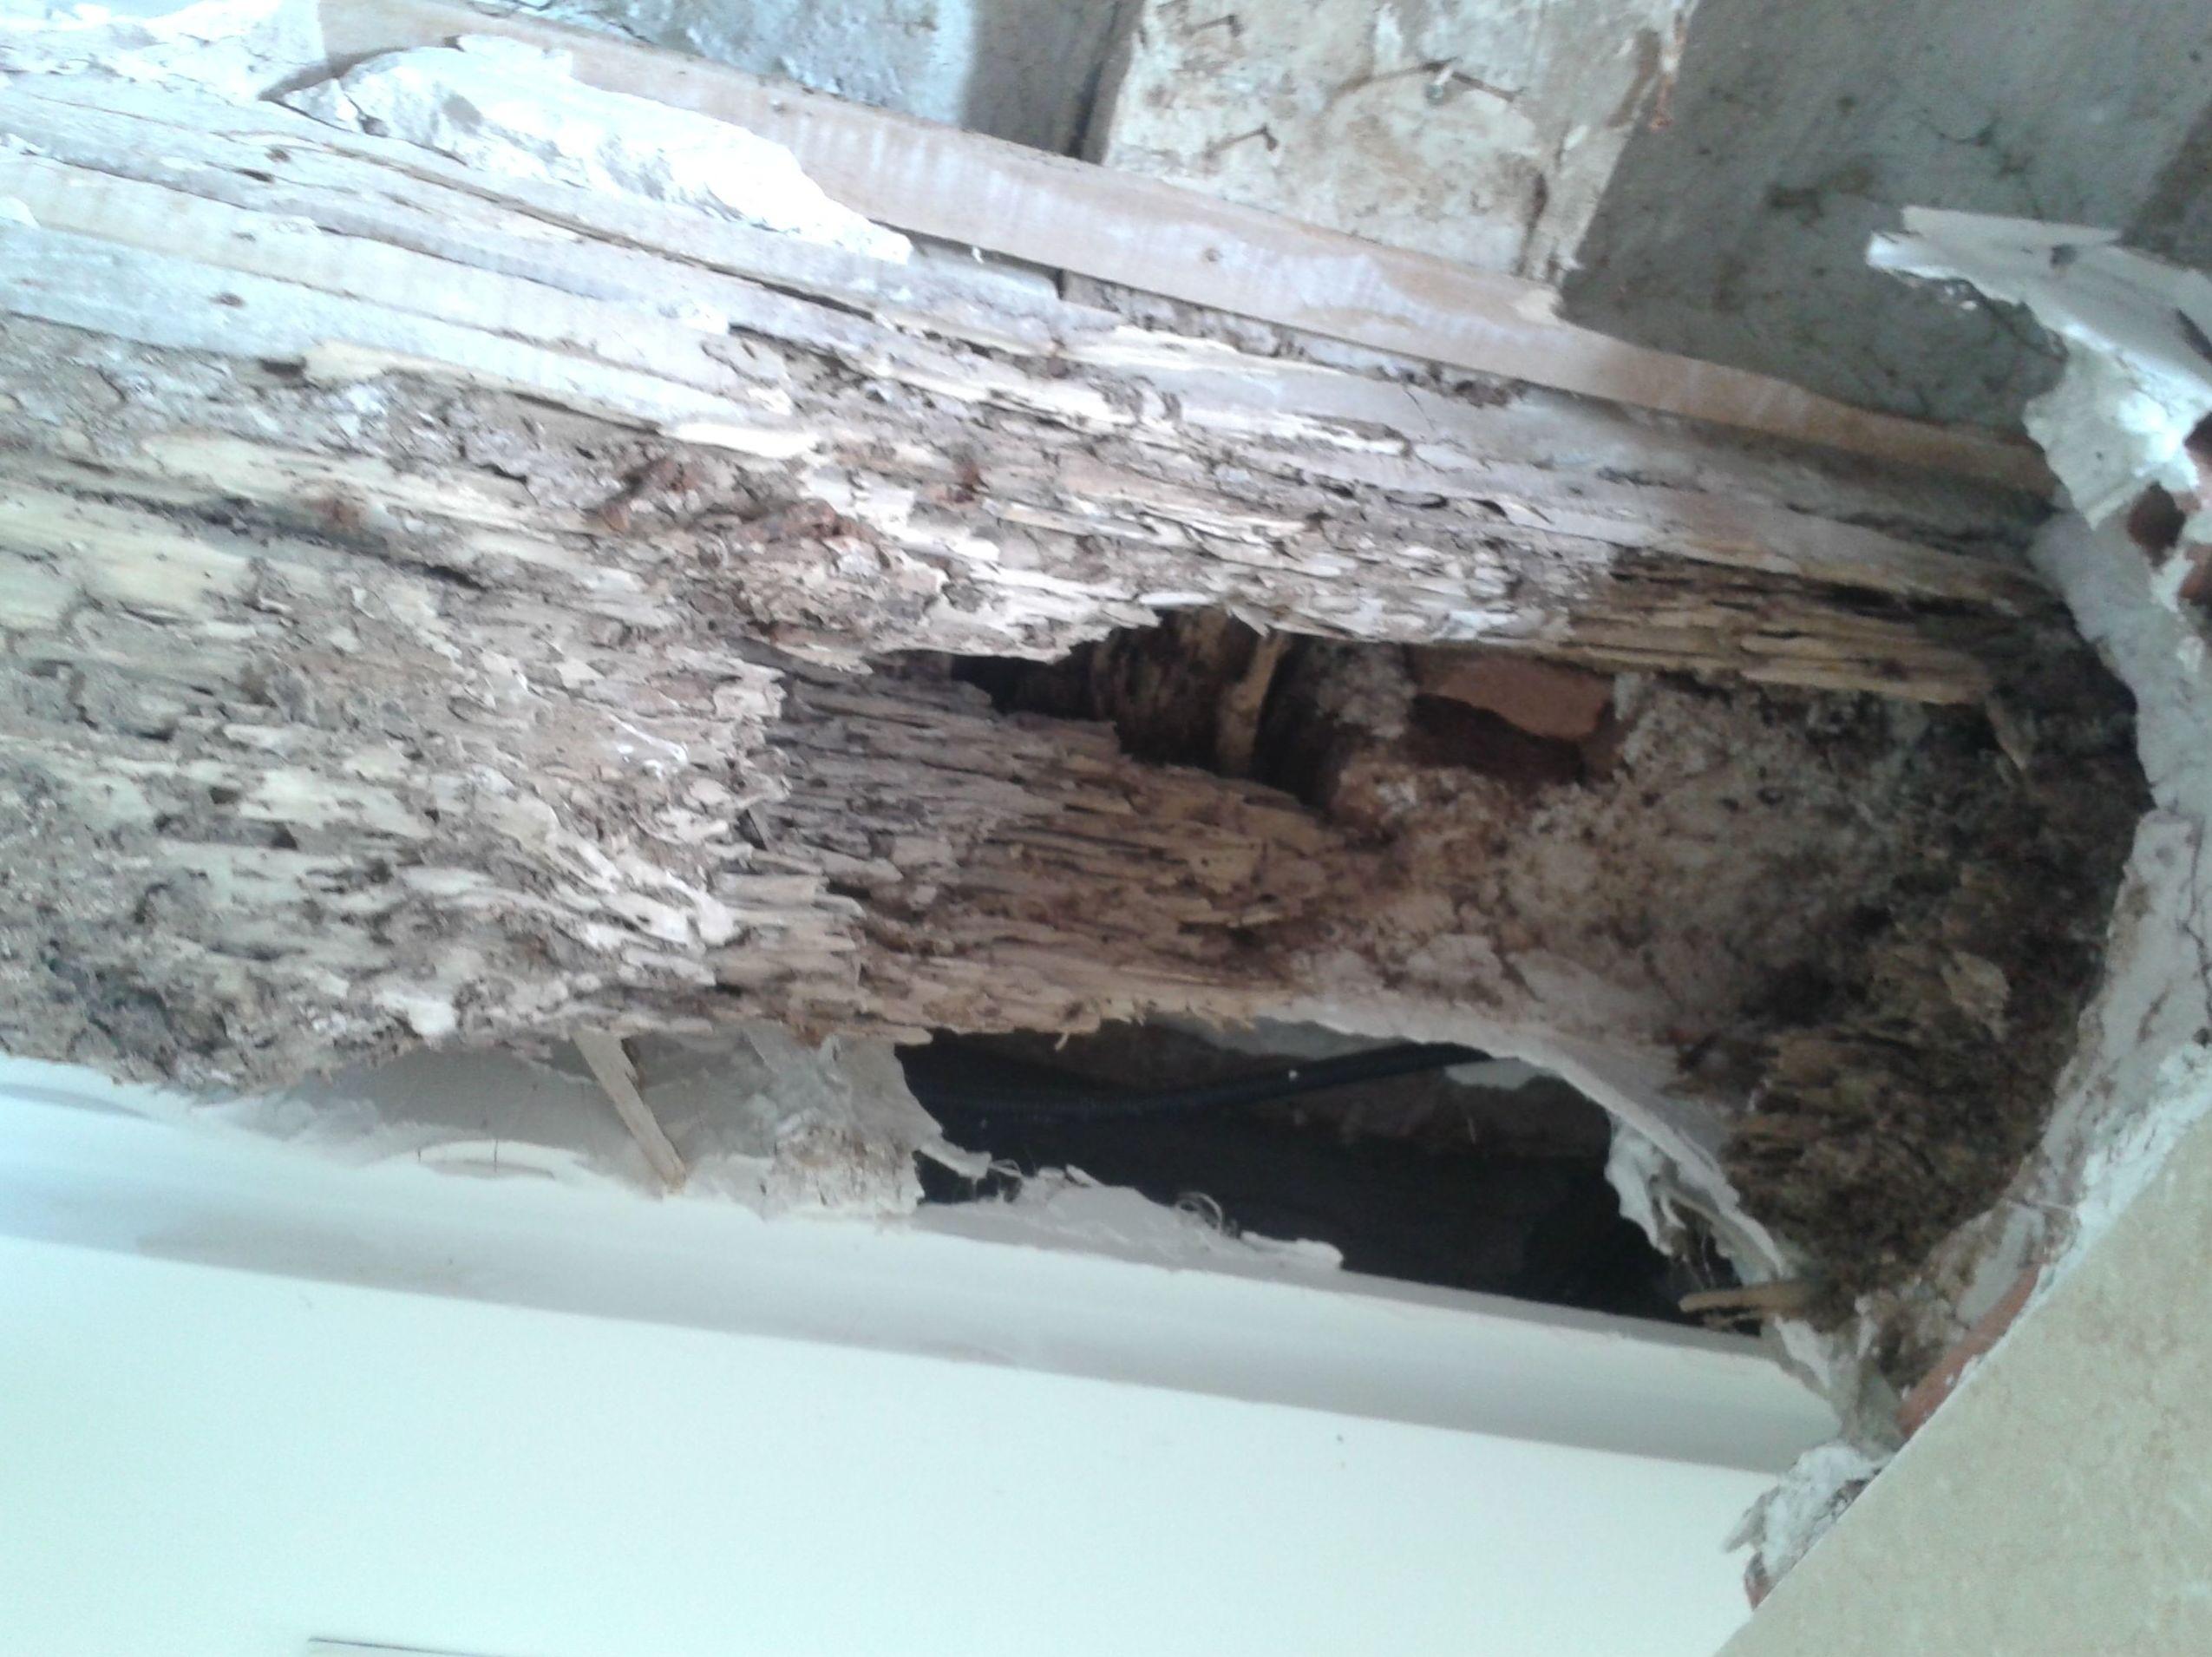 Viga deborada por el ataque de termitas